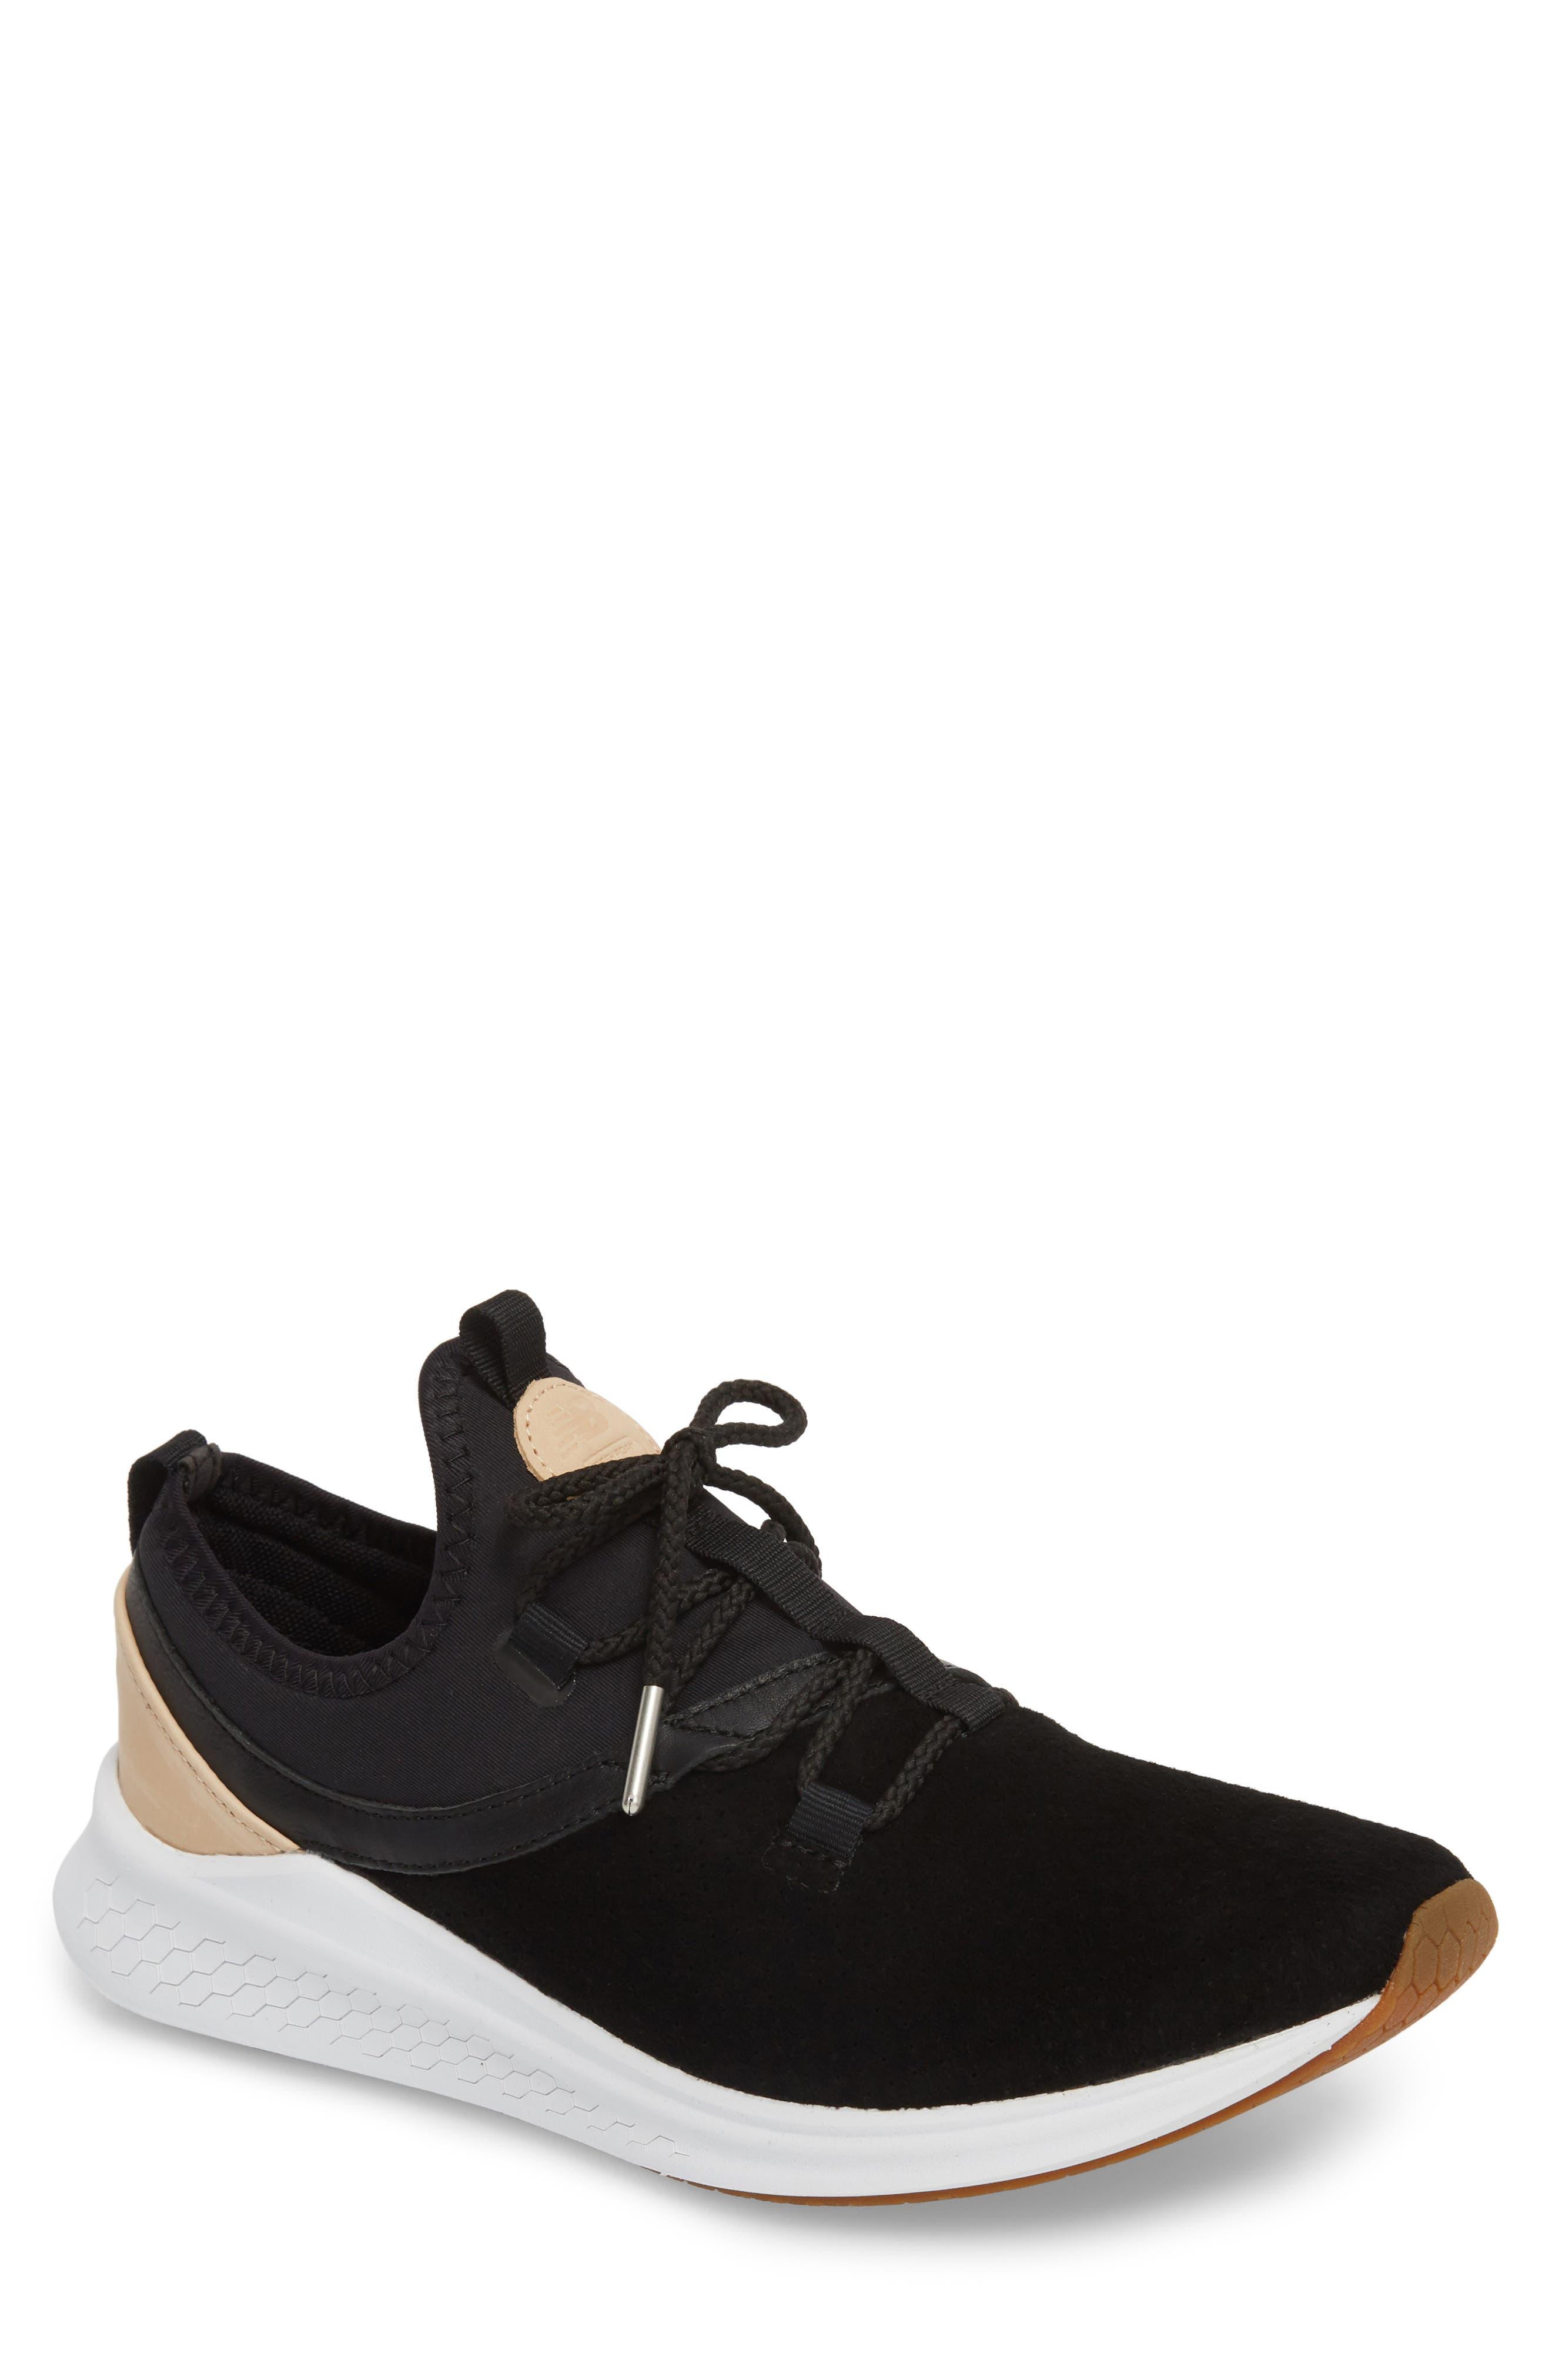 Fresh Foam Laser Luxe Sneaker,                             Main thumbnail 1, color,                             001